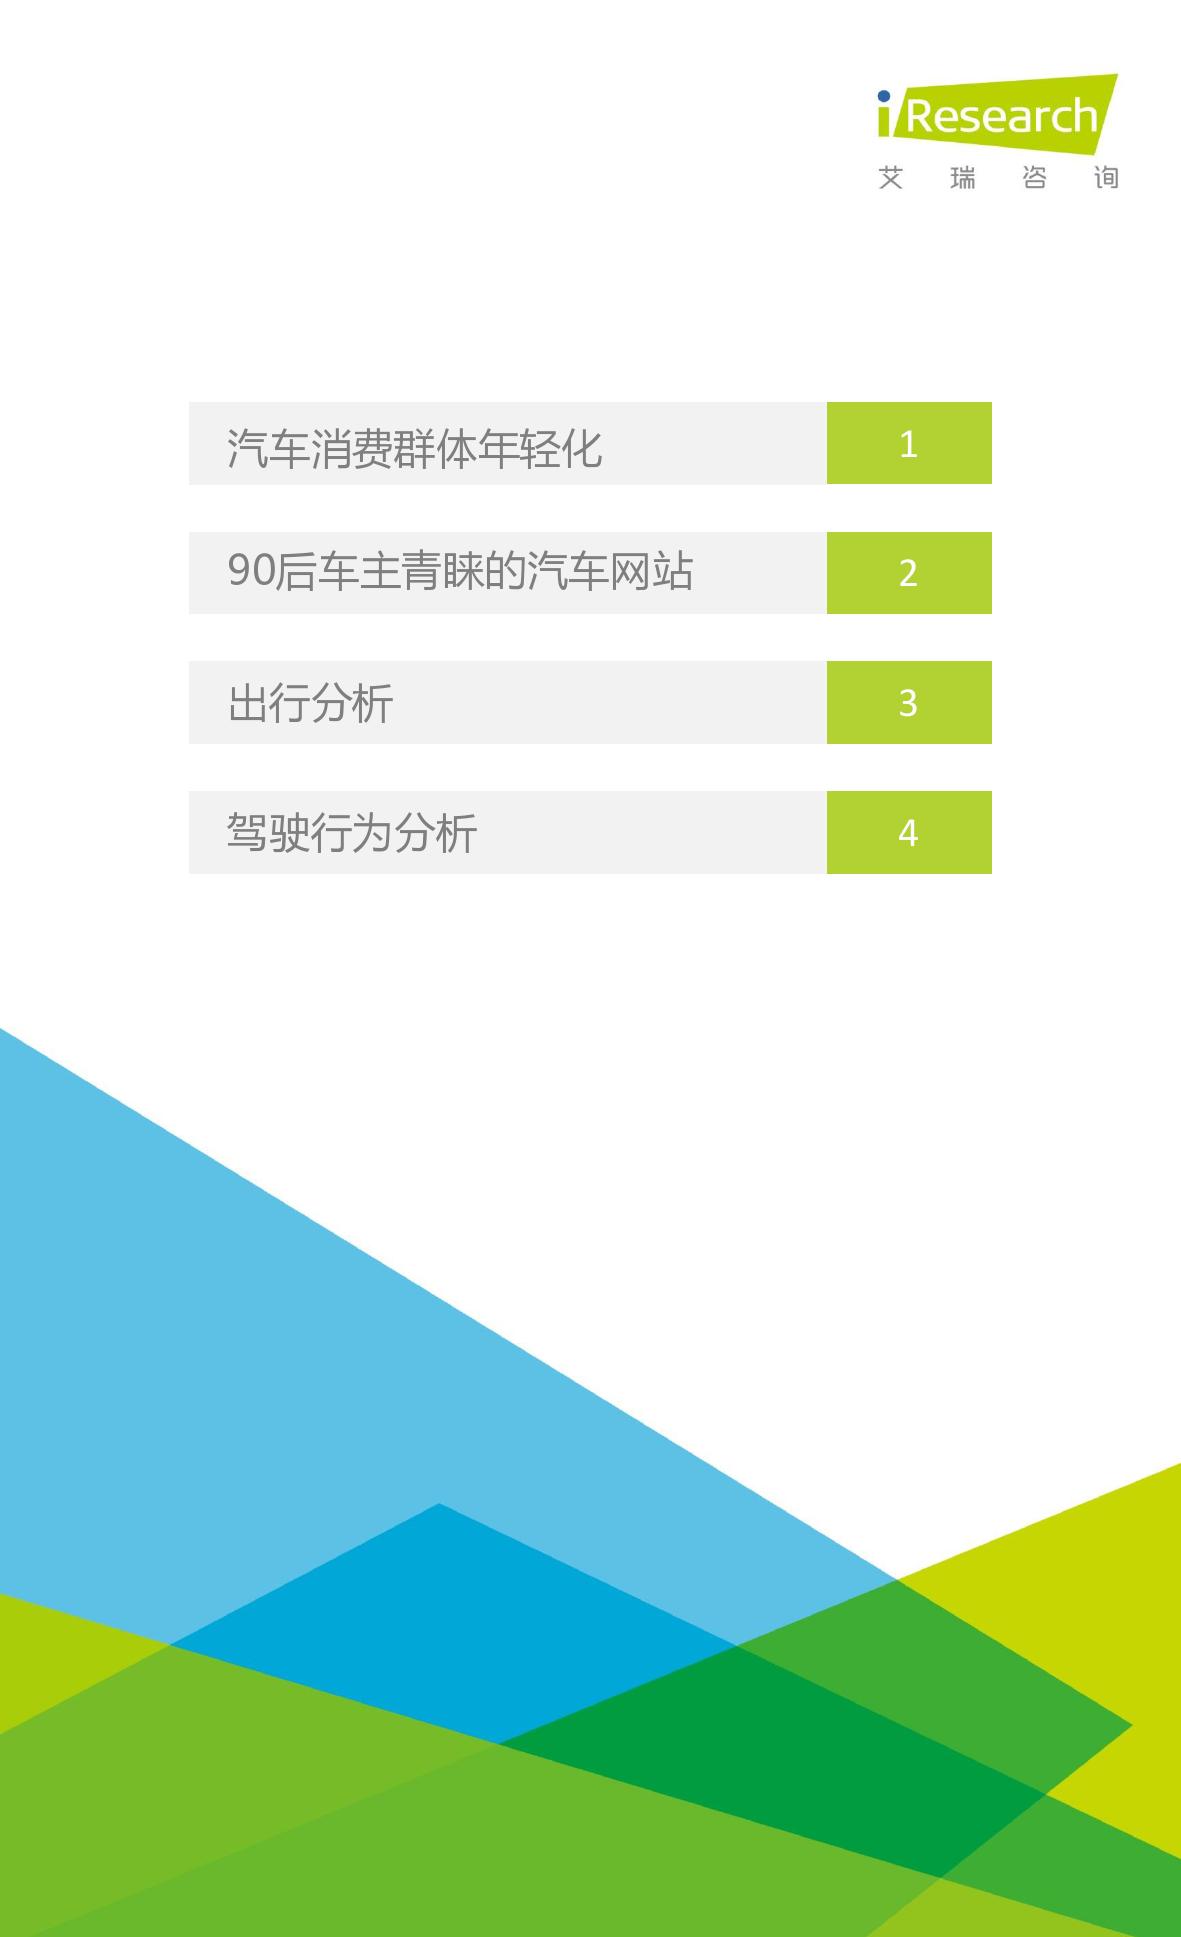 2016年中国90后汽车消费群体研究报告_000002